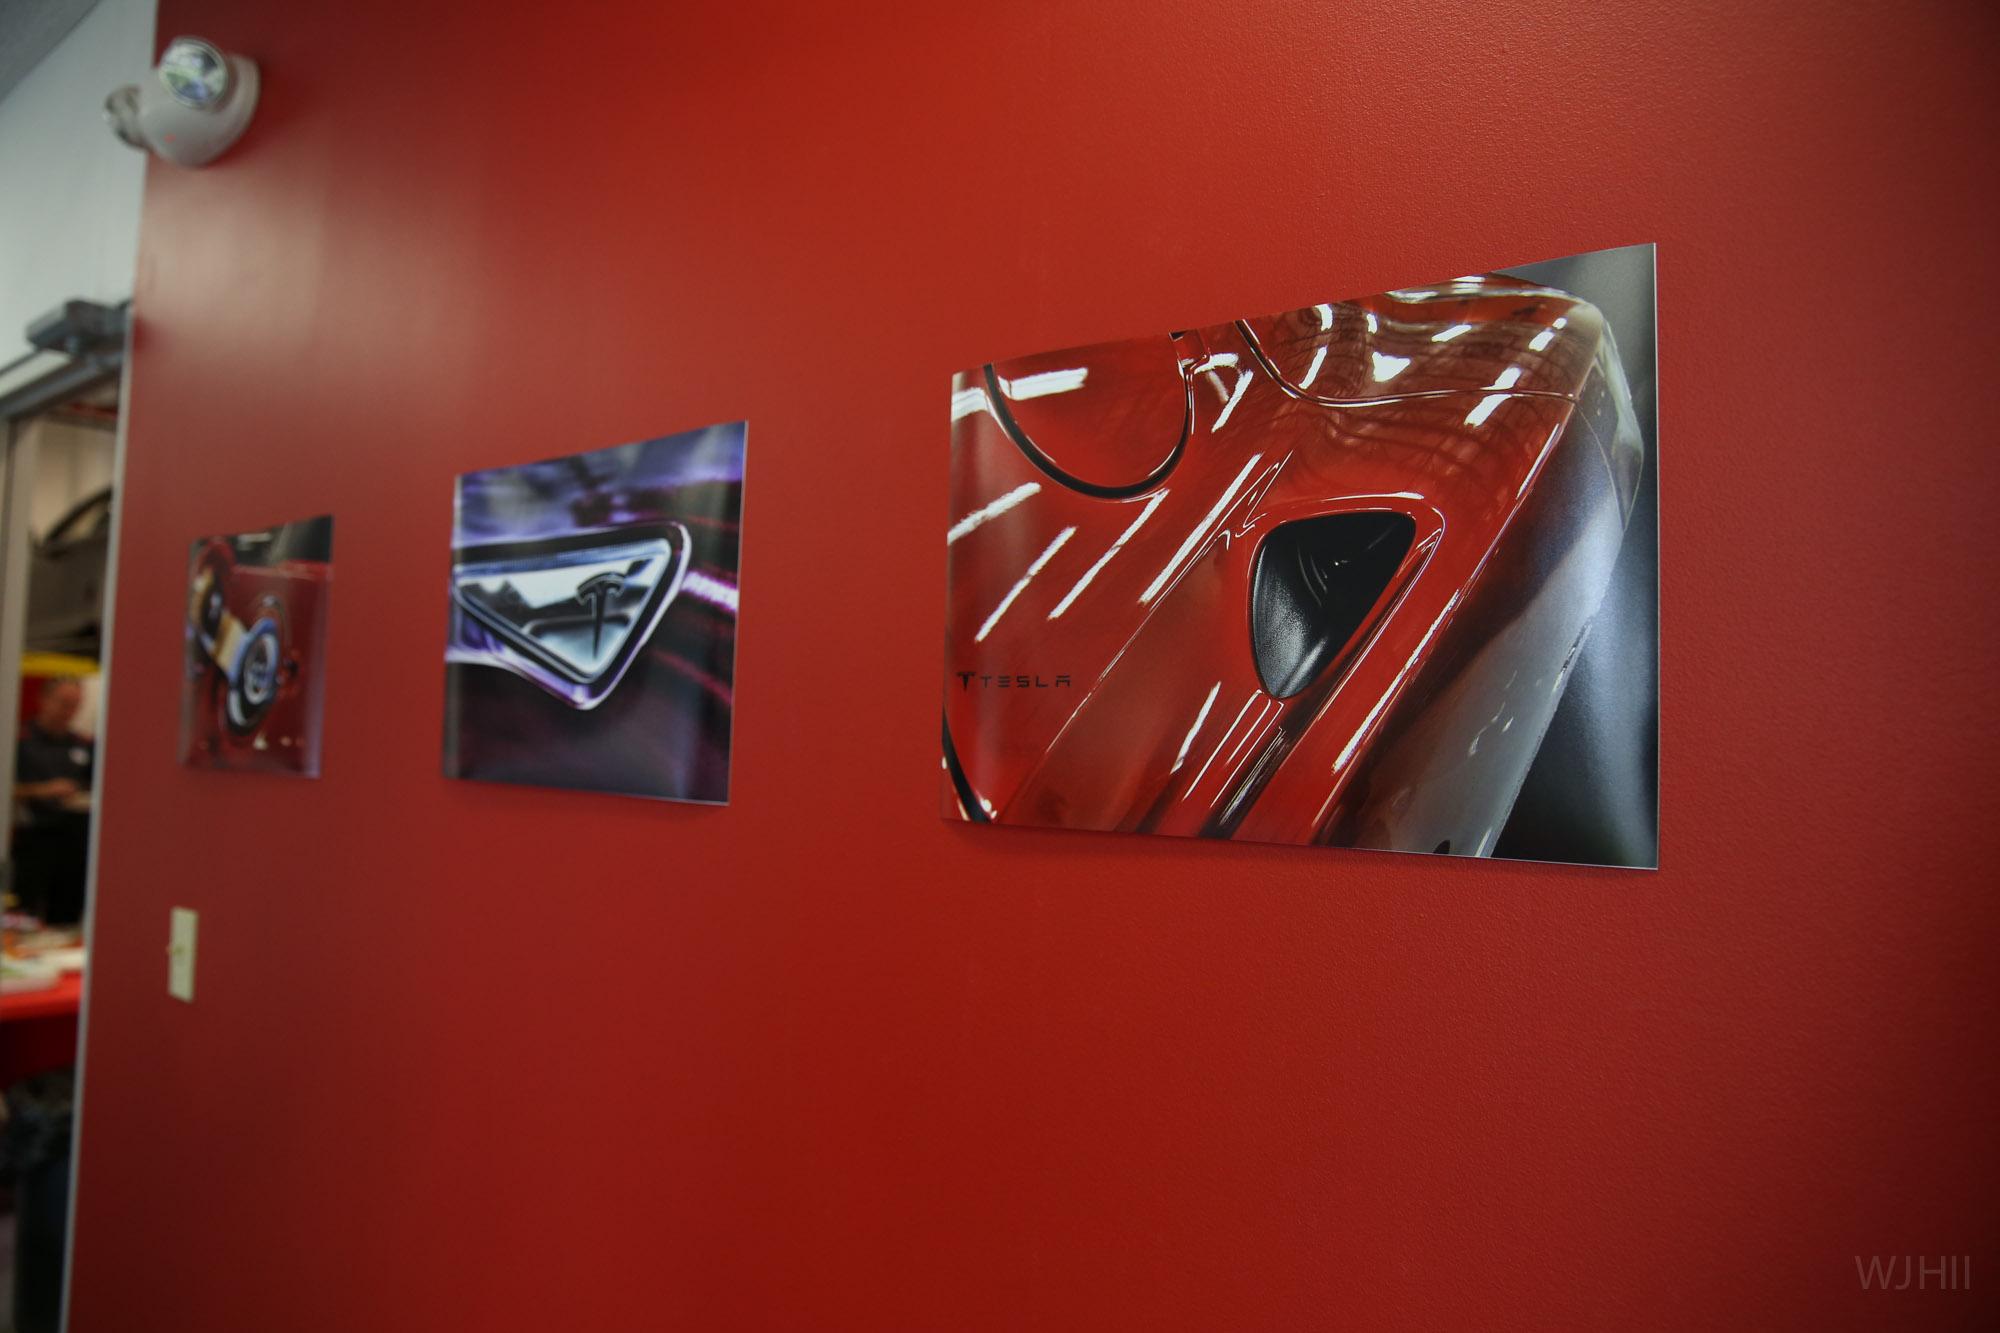 TeslaMotorsClub_Tampa_28APR13_0097.jpg